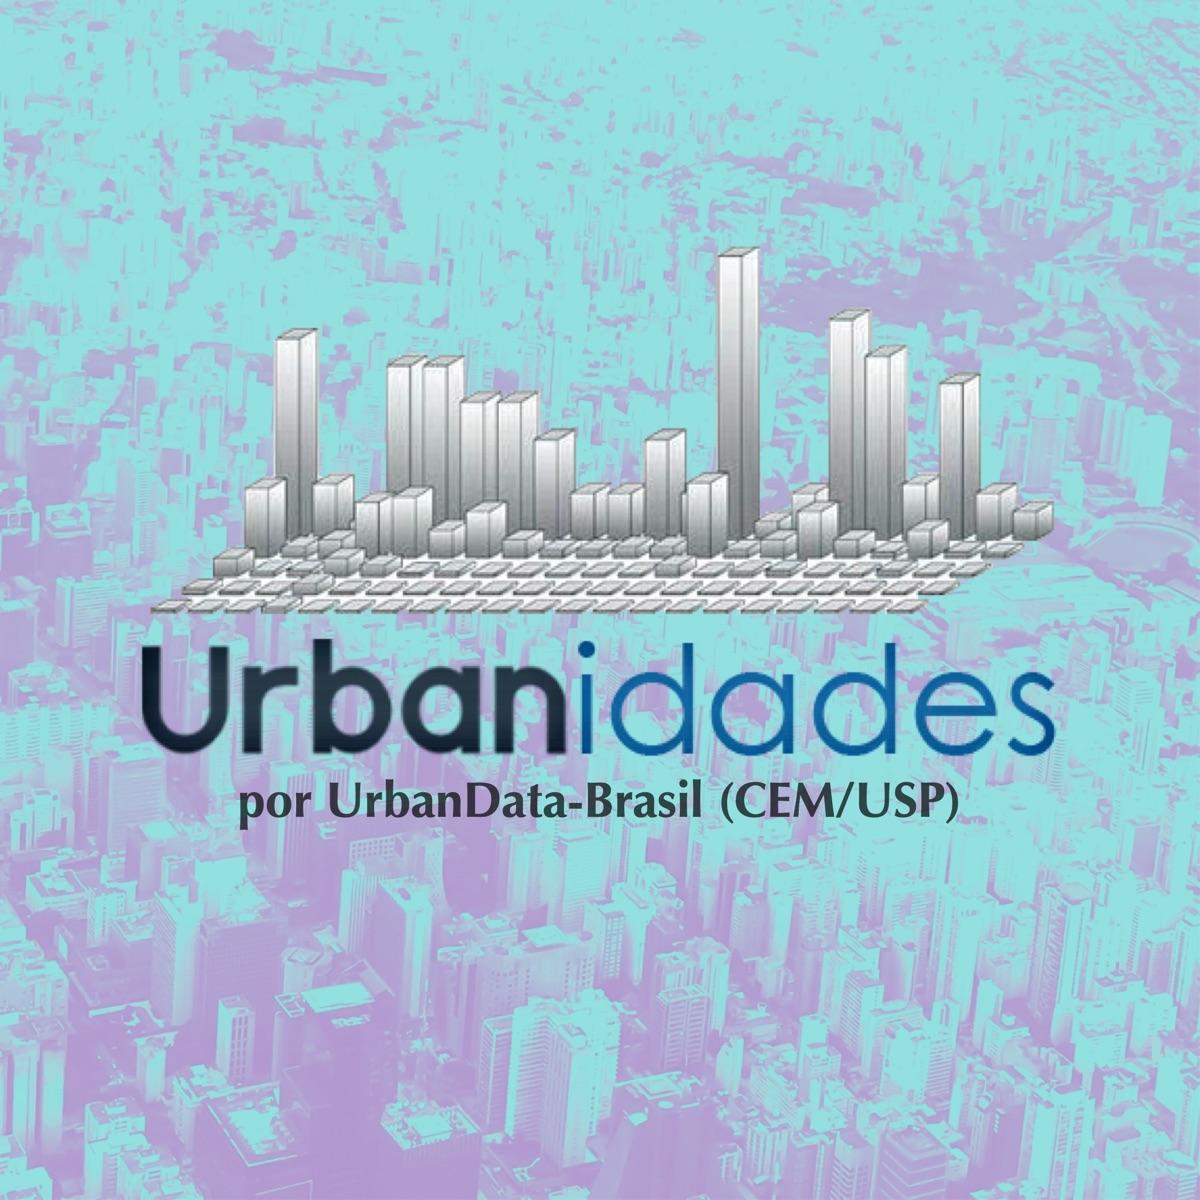 Urbanidades – Podcast – Podtail